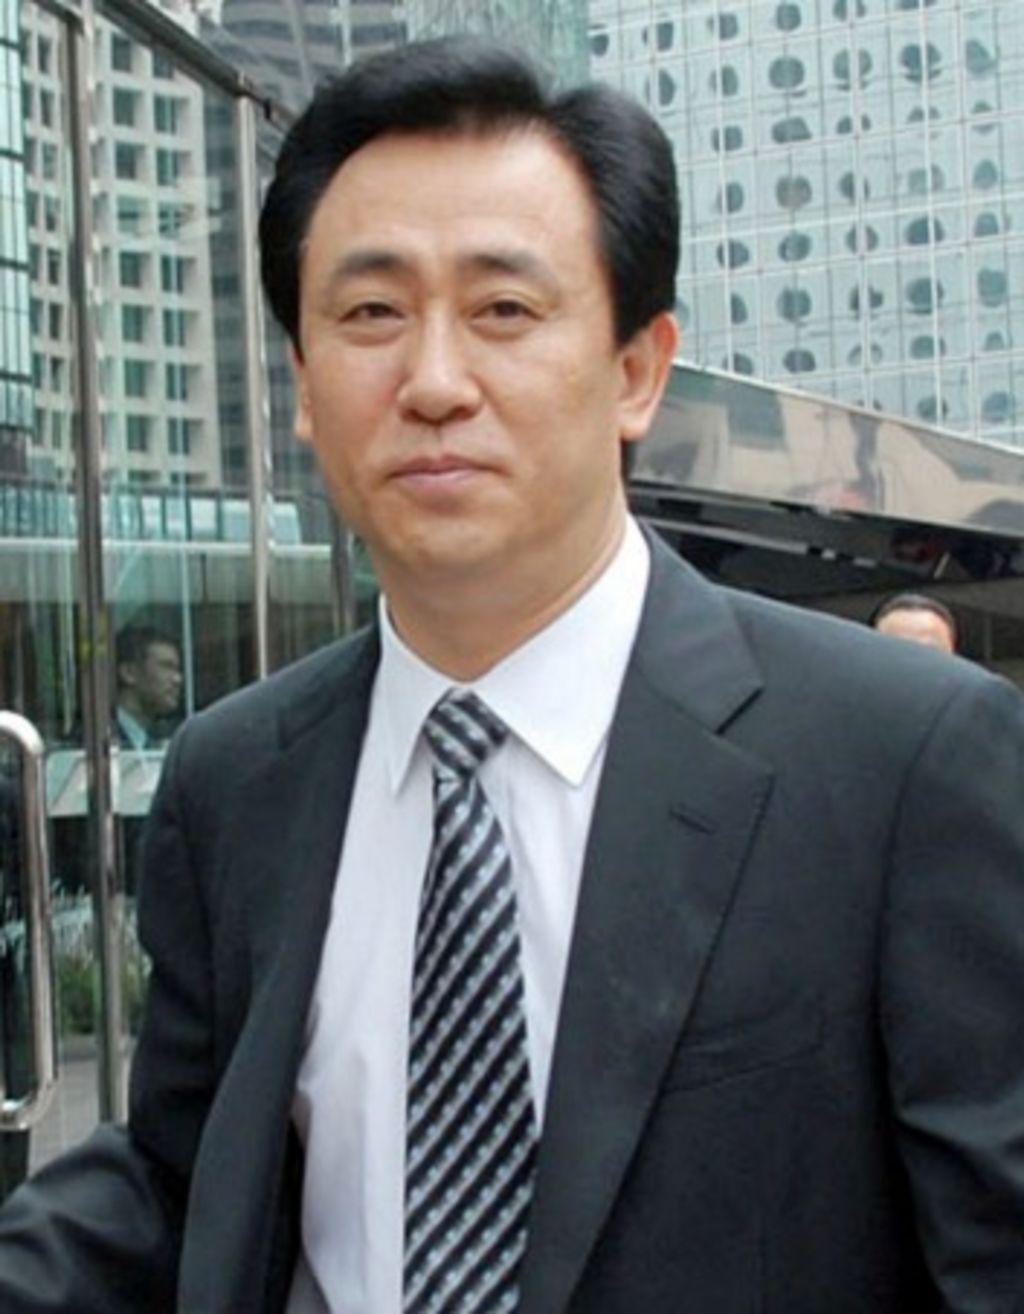 Chinese billionaire Xu Jiayin, chairman of Guangzhou Evergrande Group. Photo: ChinaFotoPress